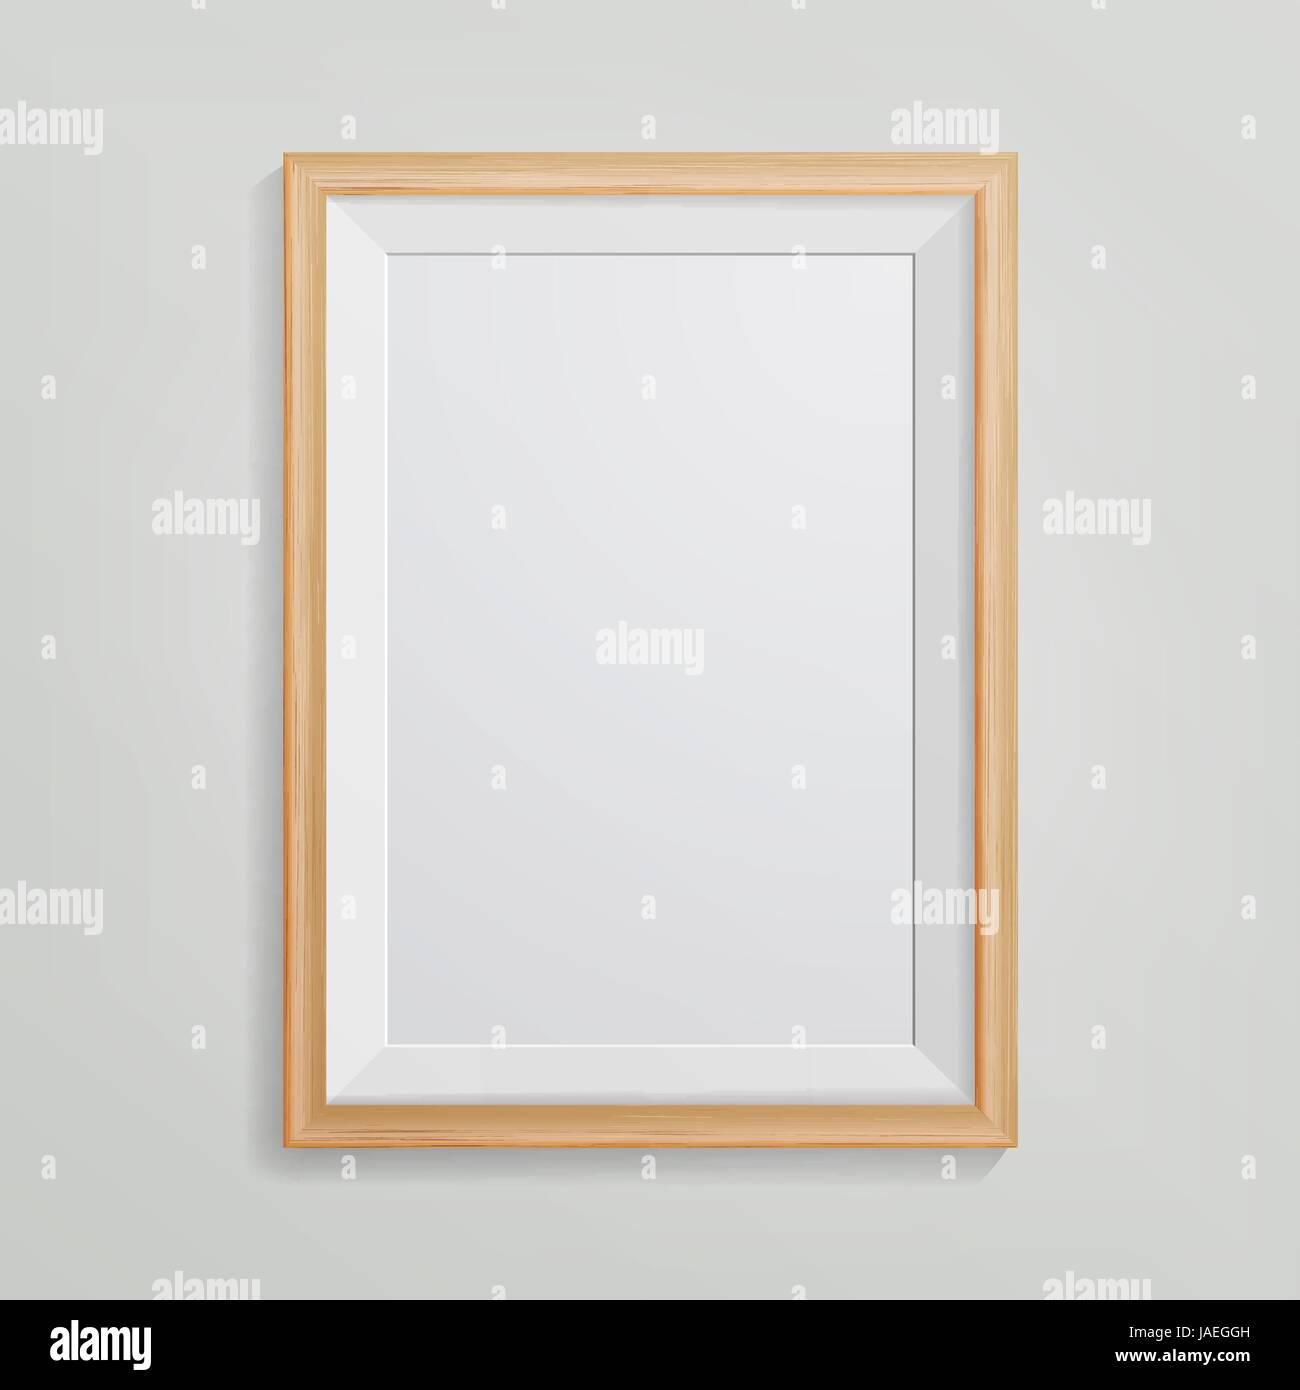 Beste Wand Staffelei Bilderrahmen Fotos - Benutzerdefinierte ...